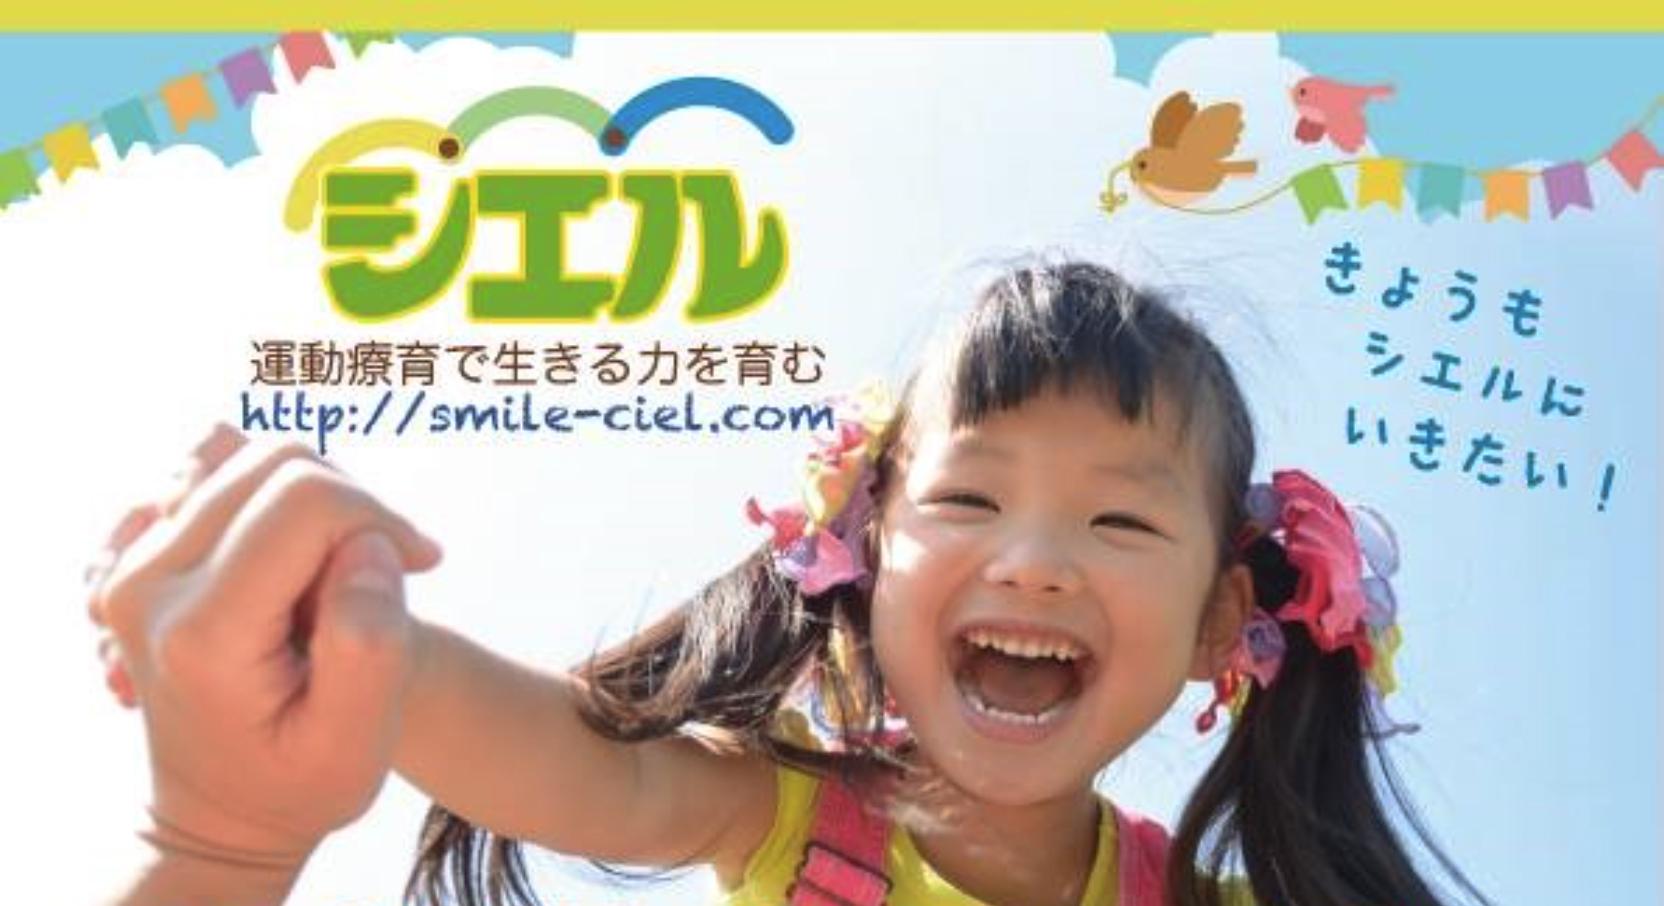 【正】運動療育で生きる力を育む!児童発達支援教室でのお仕事